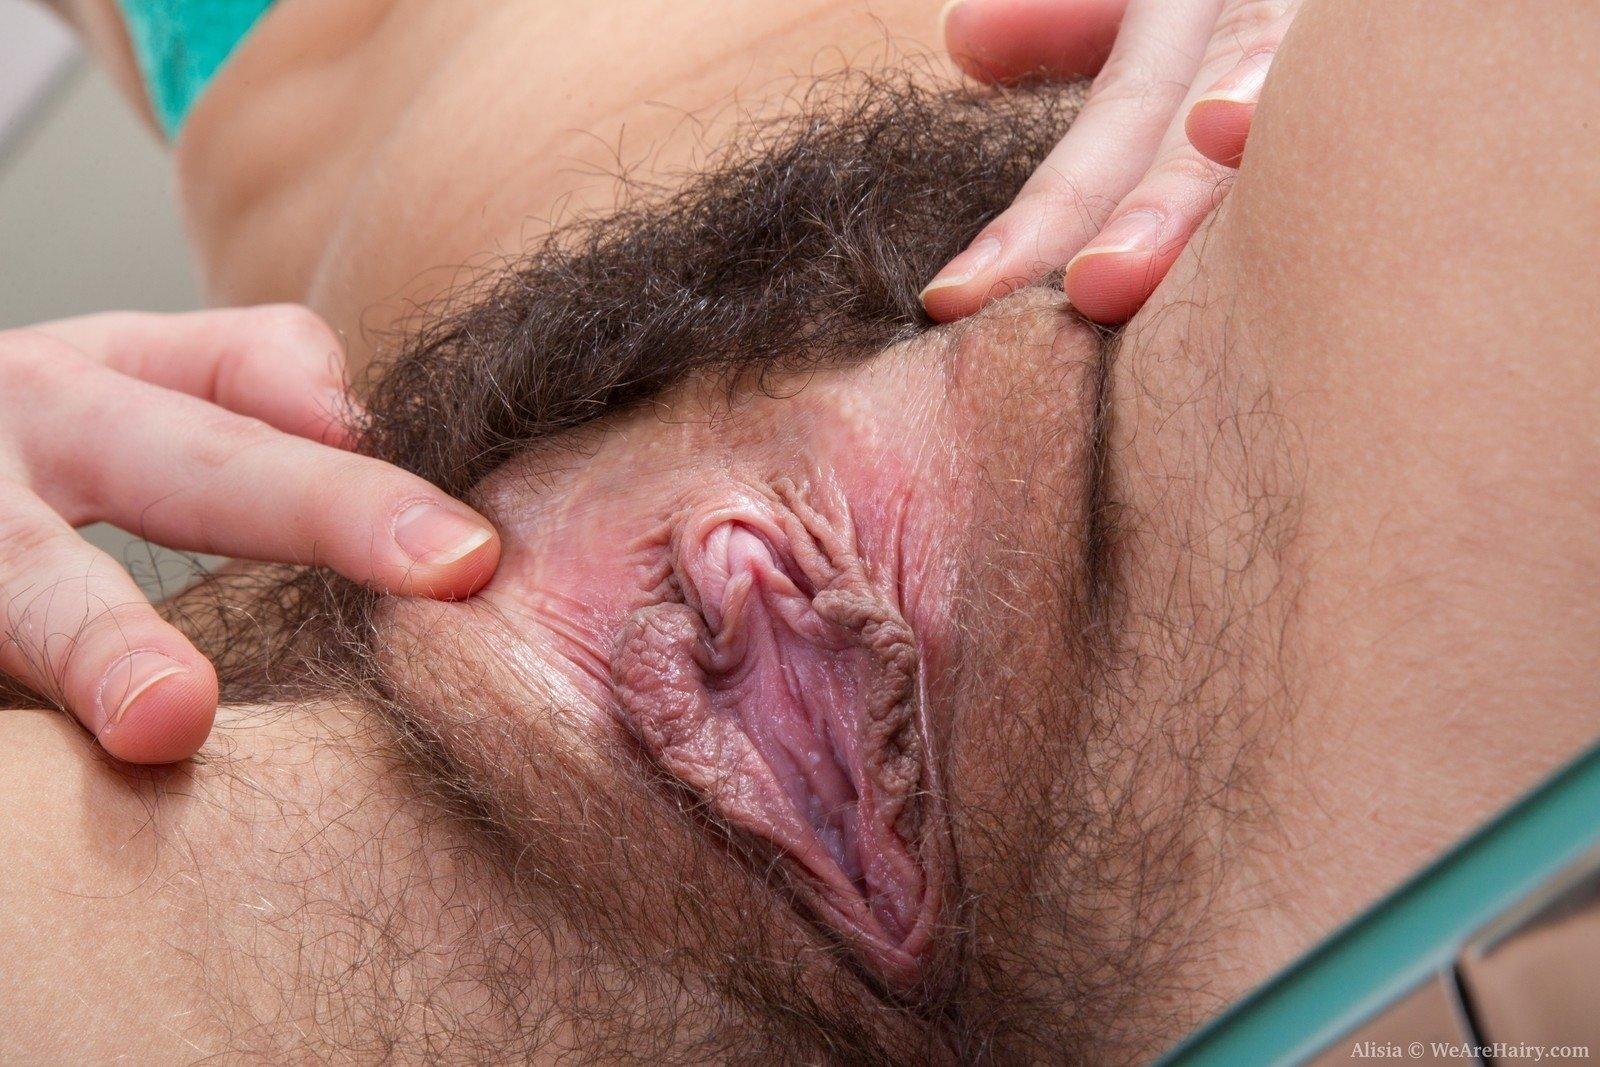 фото волосатой пизды крупным планом пальцами раздвигает половые губы